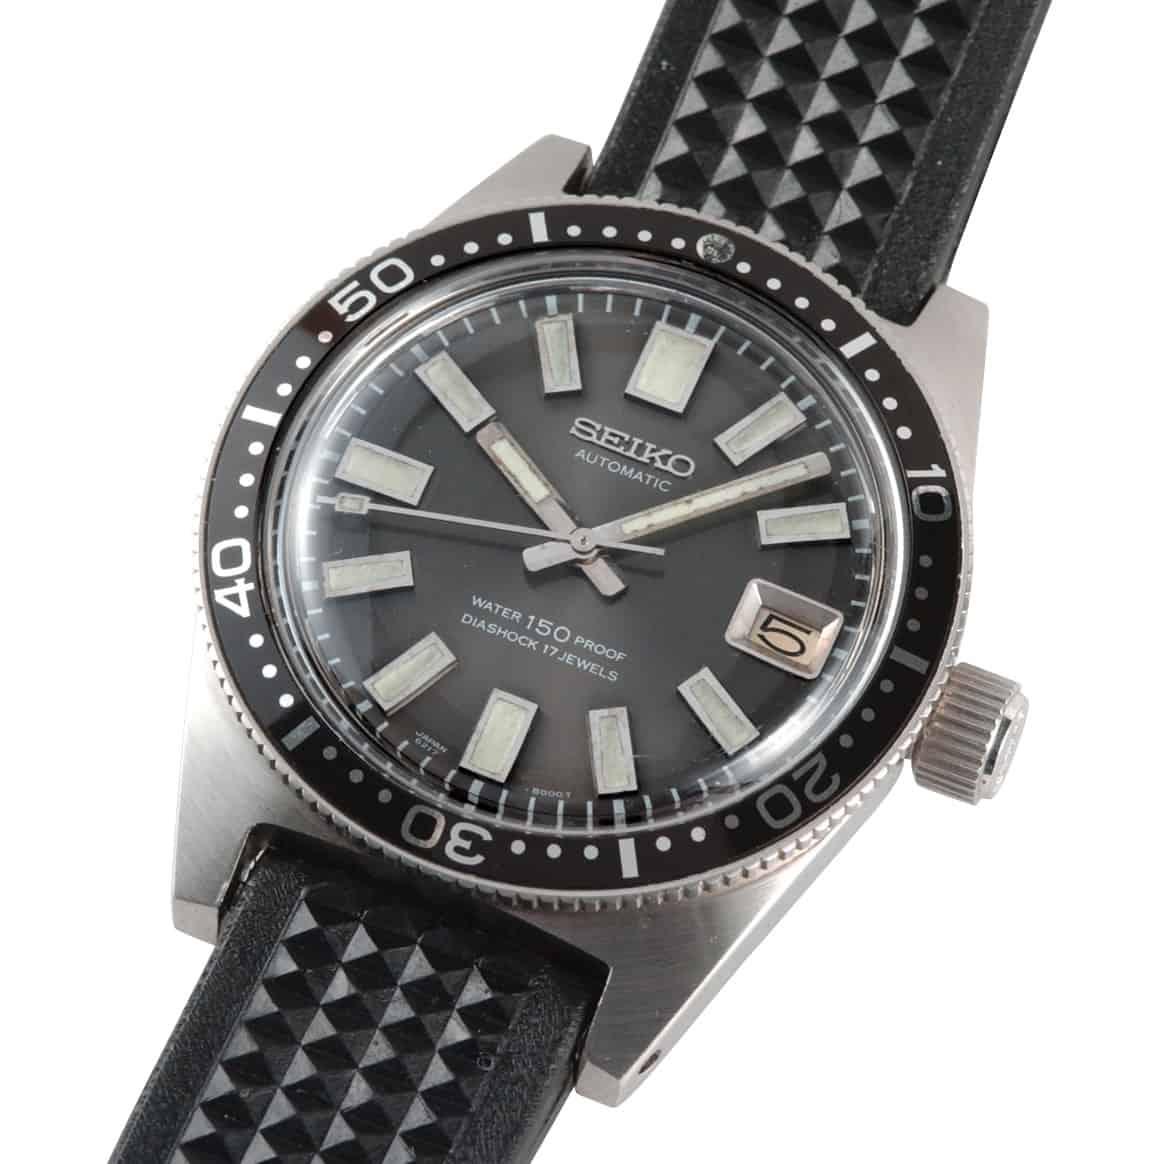 Seiko Divers erste japanische Raucher Armbanduhr 1965